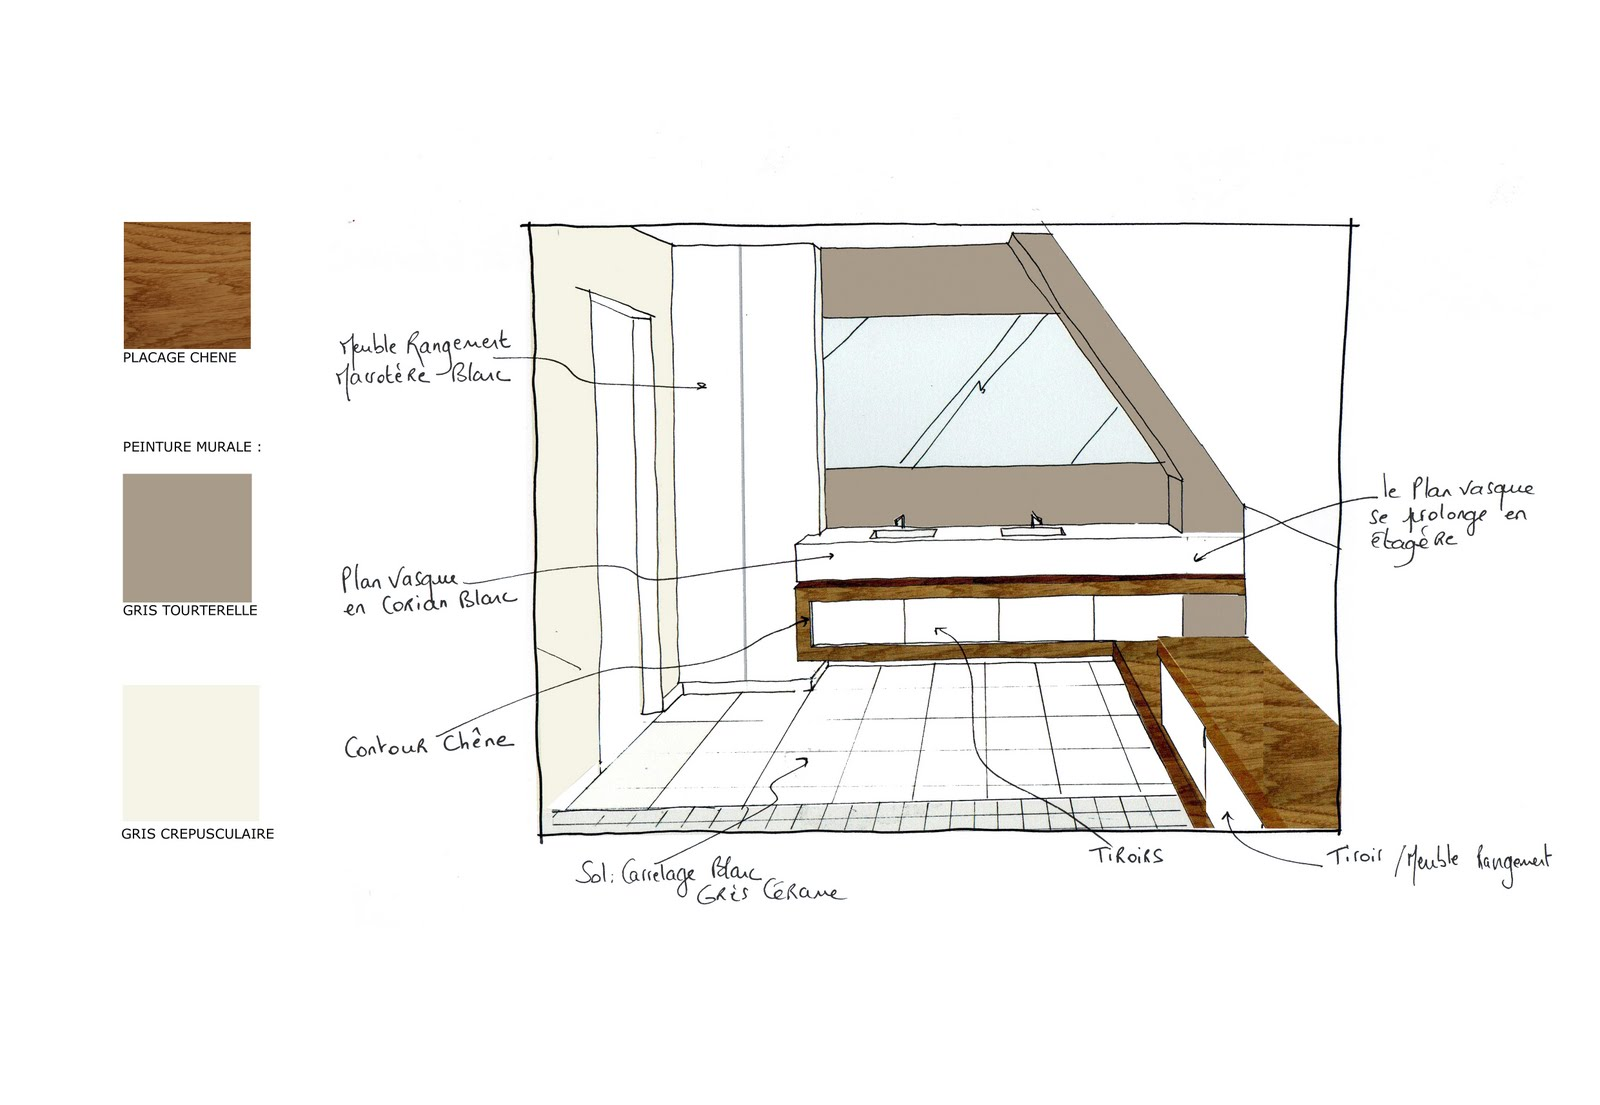 Dessin Salle De Bain l'architecture d'intérieur: aménagement d'une salle de